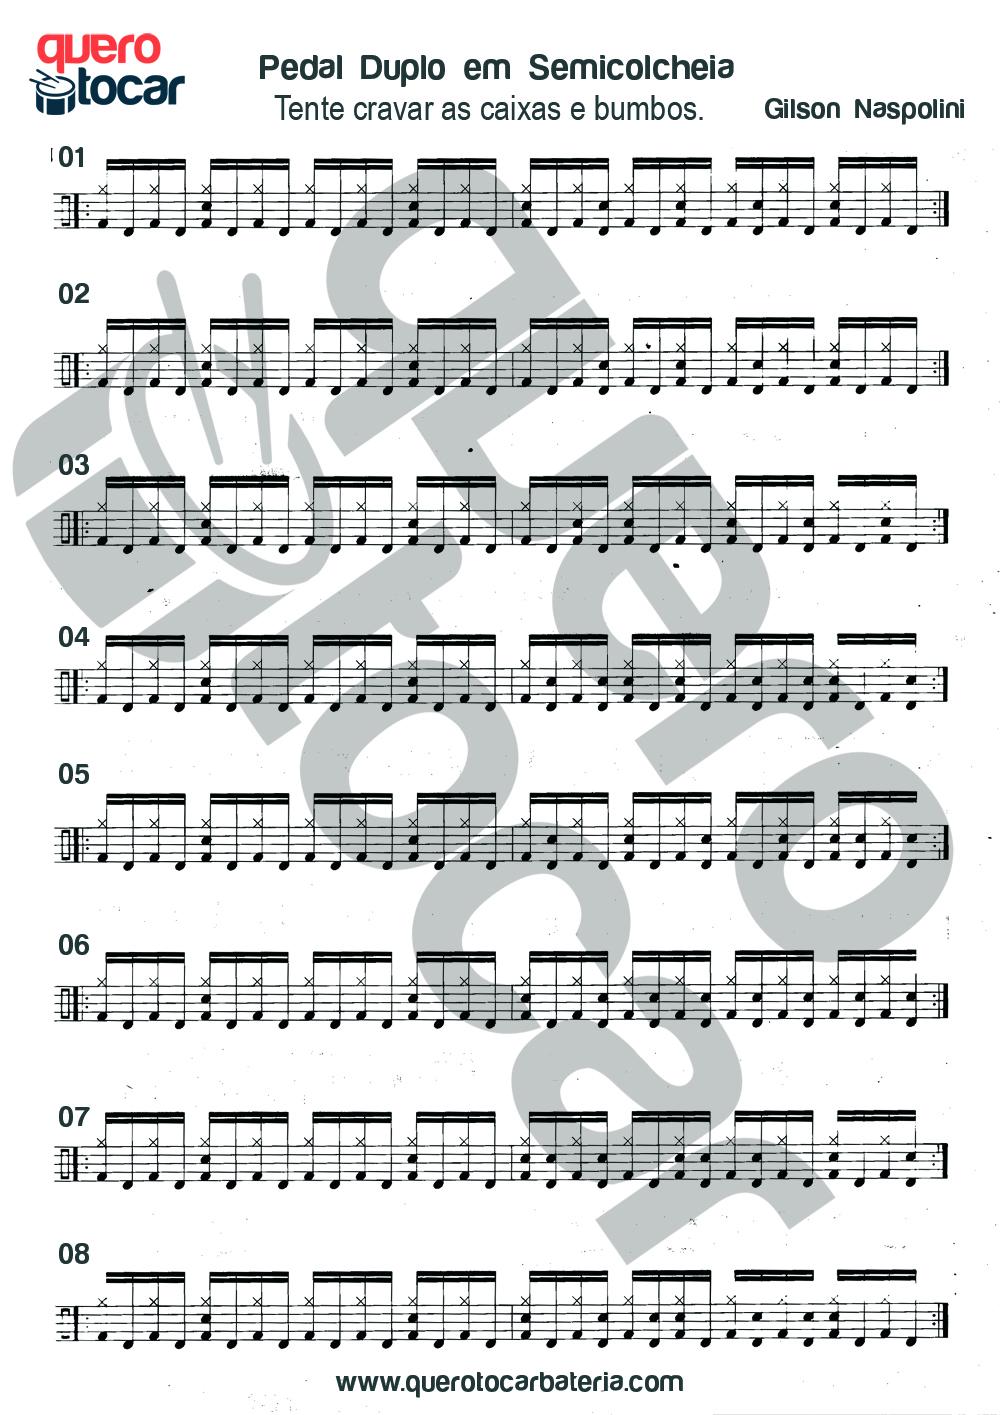 QTB - pedal duplo em semicolcheia (cravando caixas nos bumbos).jpg